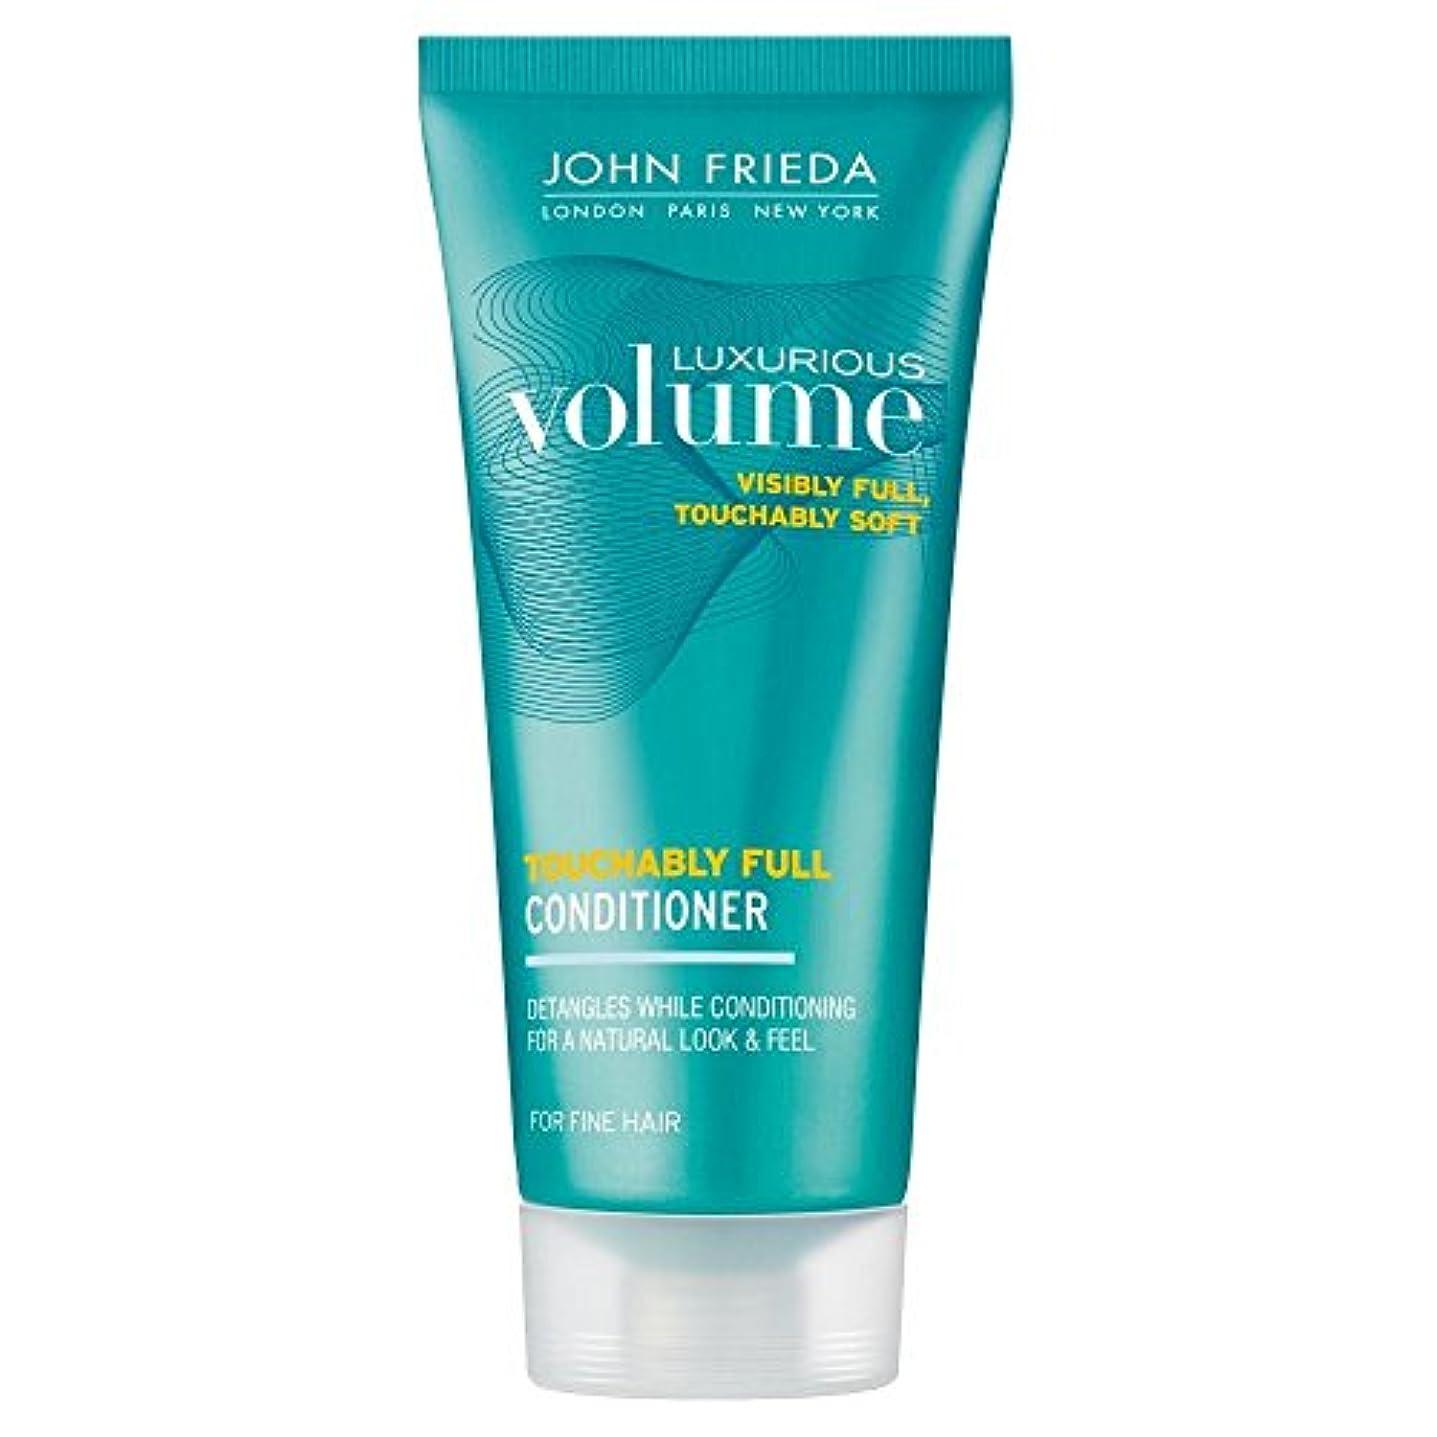 伸ばす時間厳守奇跡的なJohn Frieda Luxurious Volume Thickening Conditioner (50ml) ジョン?フリーダ豪華なボリューム増粘コンディショナー( 50ミリリットル) [並行輸入品]